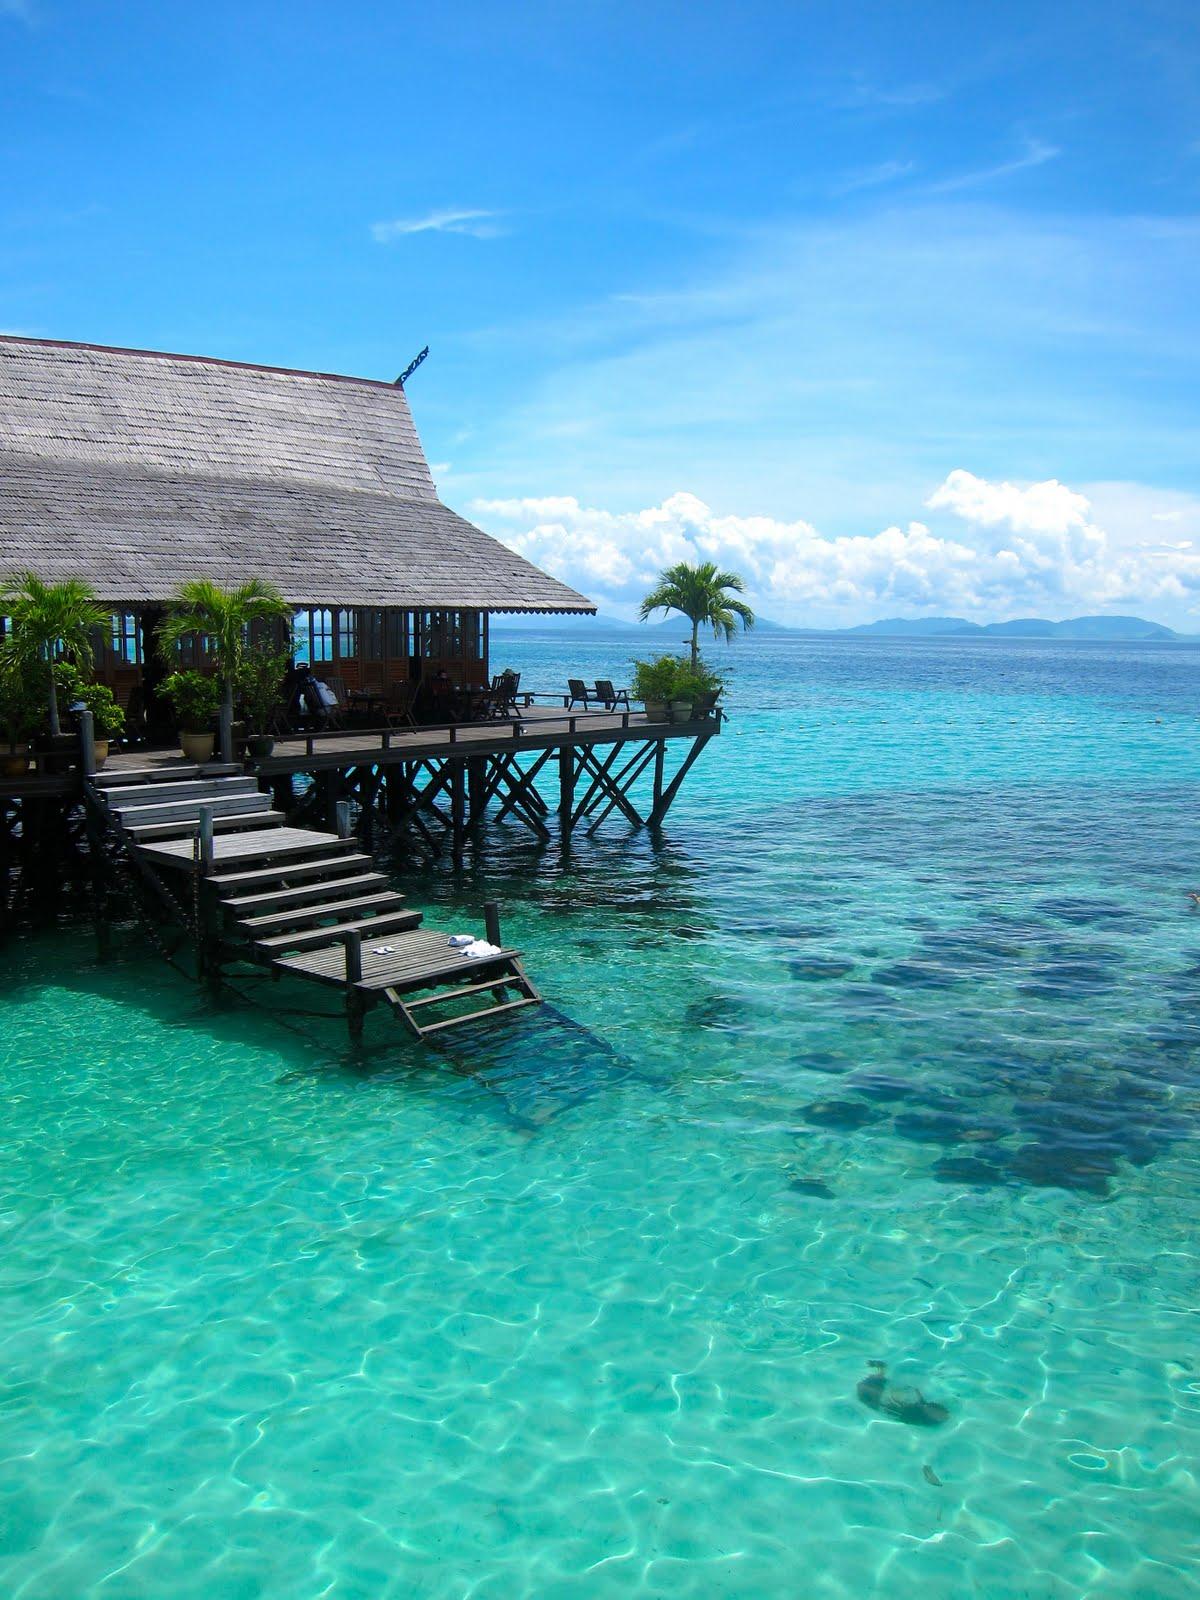 Kapalai dive resort kapalai island borneo packages - Kapalai sipadan dive resort ...